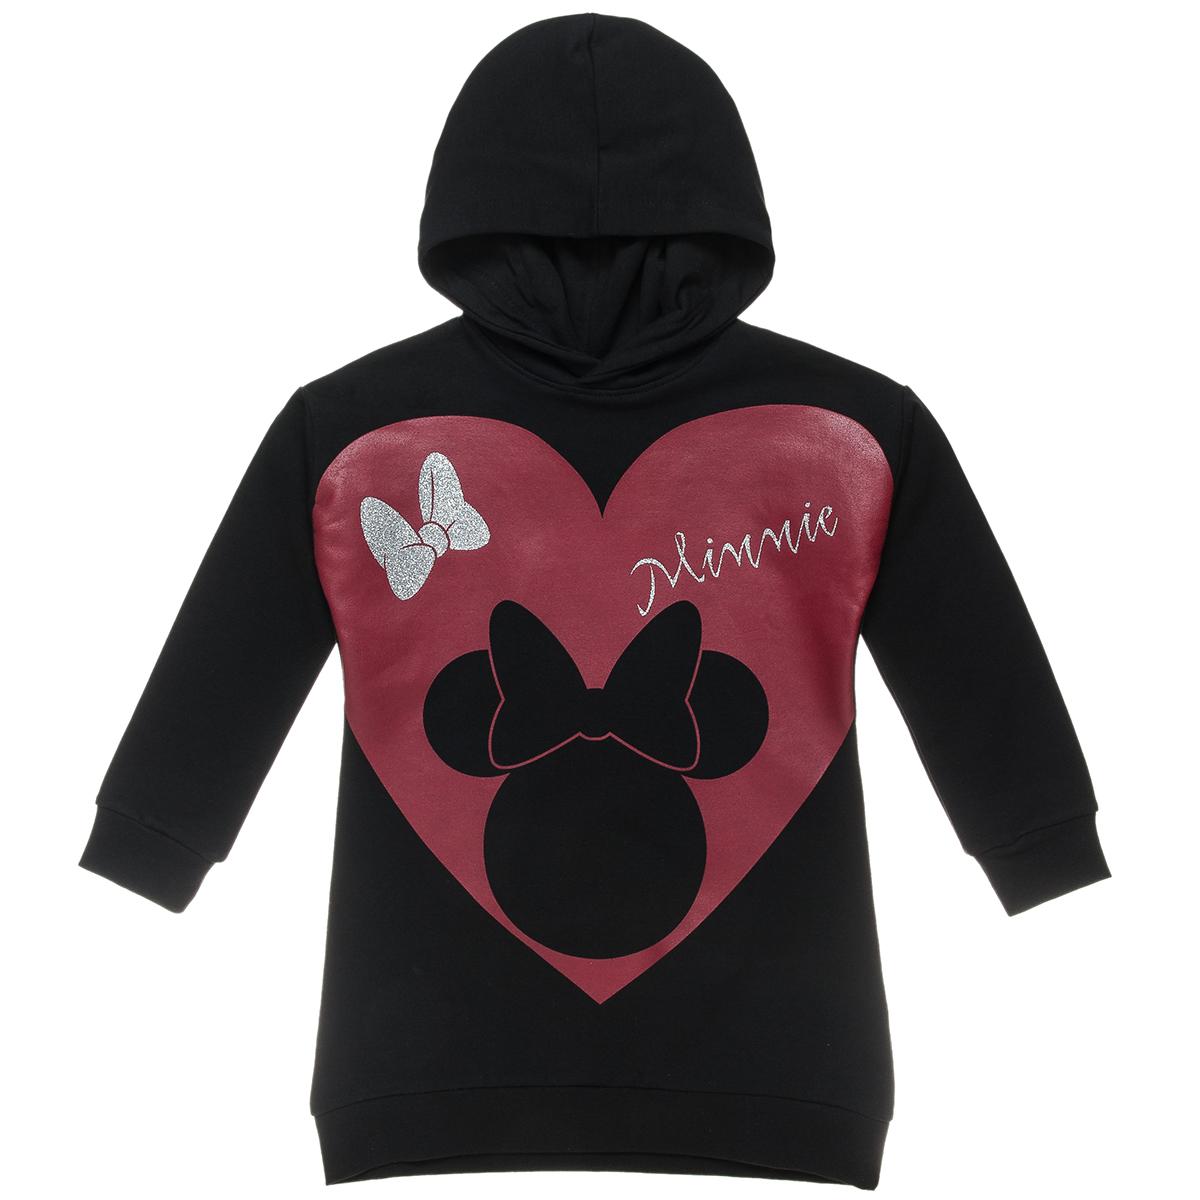 Φόρεμα φούτερ Disney με κουκούλα και τύπωμα Minnie Mouse (Κορίτσι 4-10 ετών) 00140186 - Μαύρο - 4613-0013/3/1/104